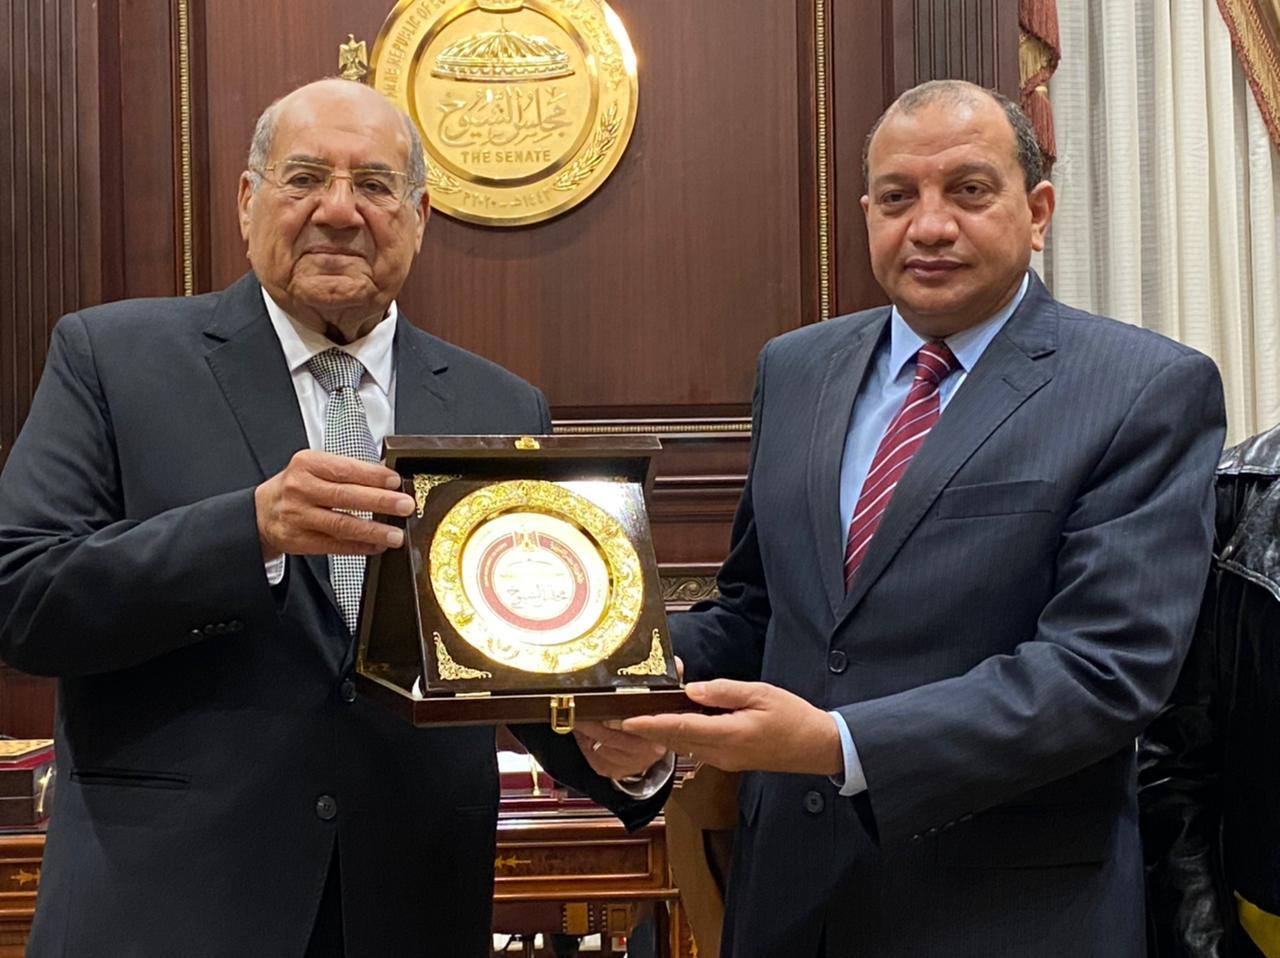 لتقديم التهنئة.. رئيس الشيوخ يستقبل رئيس جامعة بني سويف